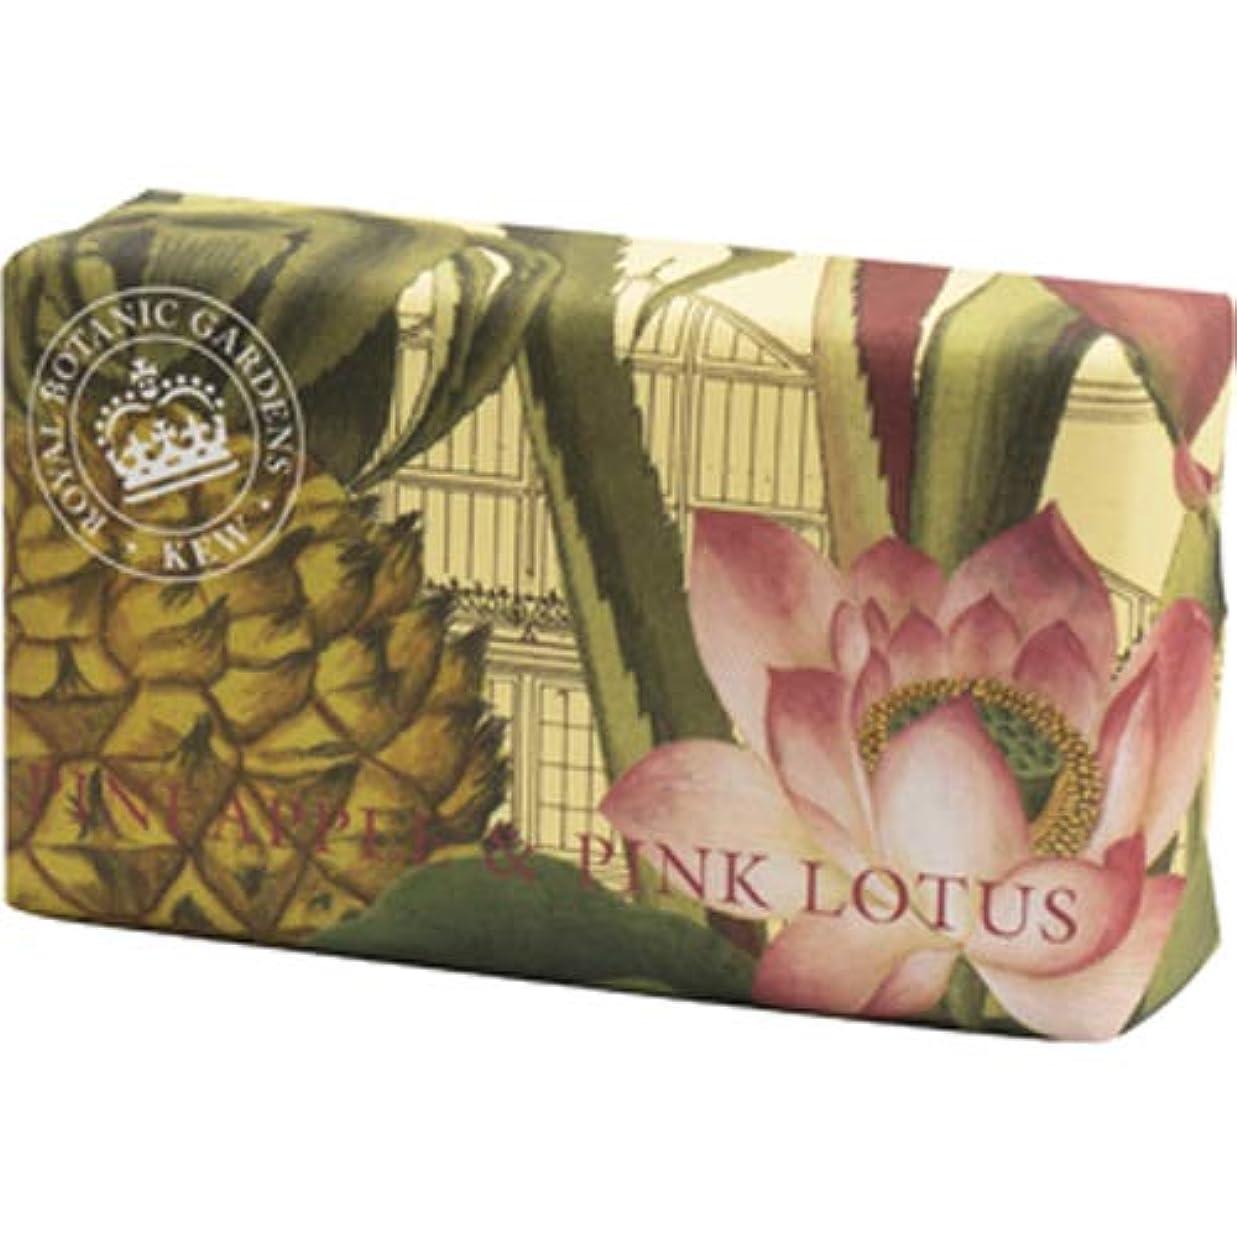 広告主群衆変換する三和トレーディング English Soap Company イングリッシュソープカンパニー KEW GARDEN キュー?ガーデン Luxury Shea Soaps シアソープ Pineapple & Pink Lotus...